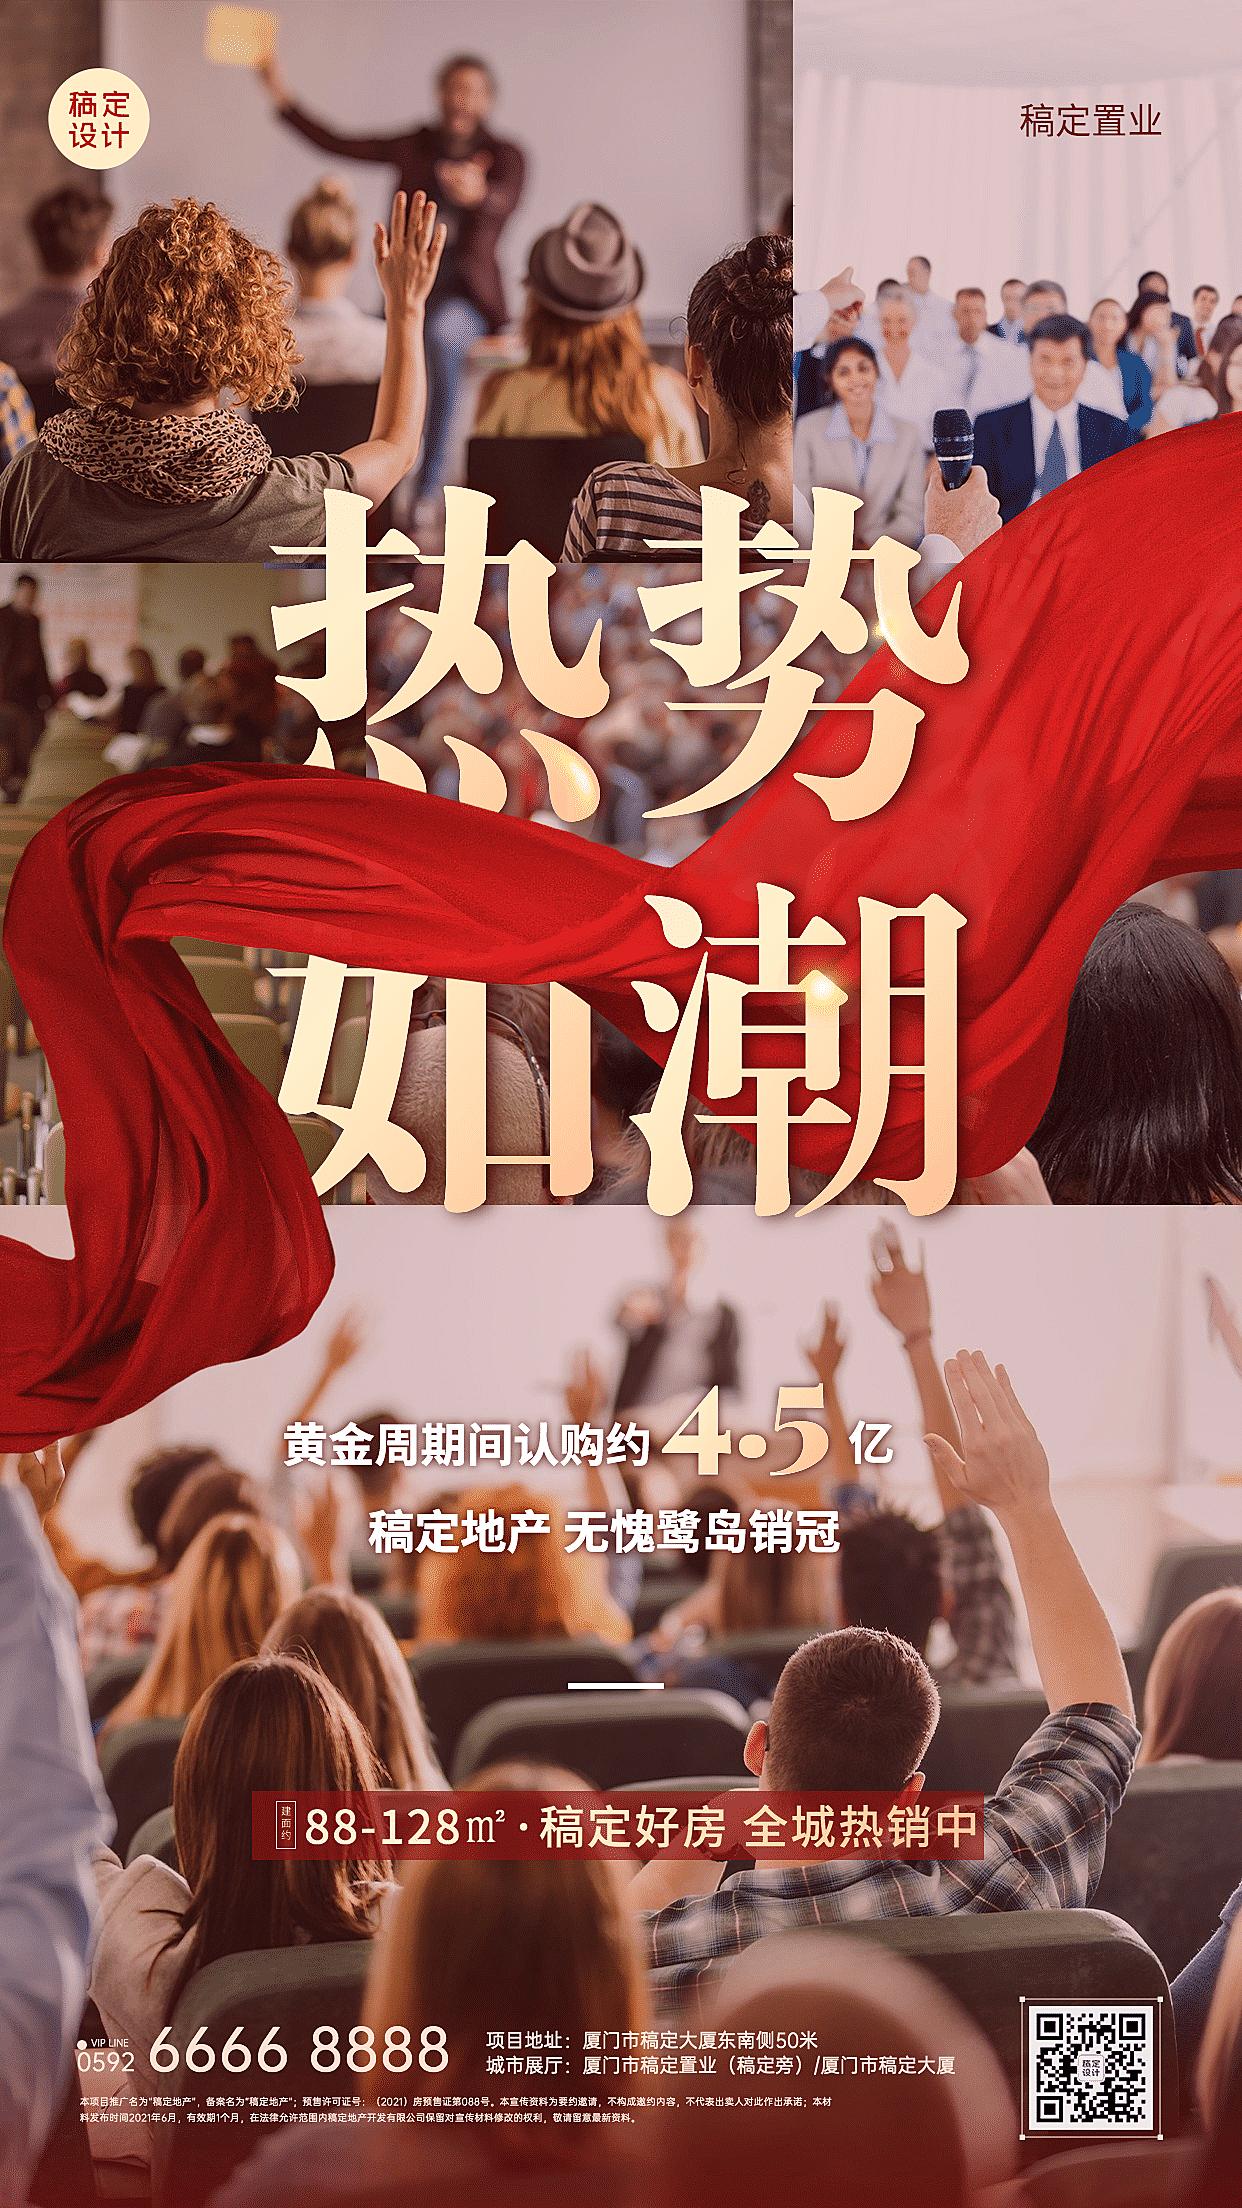 房地产十一国庆黄金周喜报营销海报